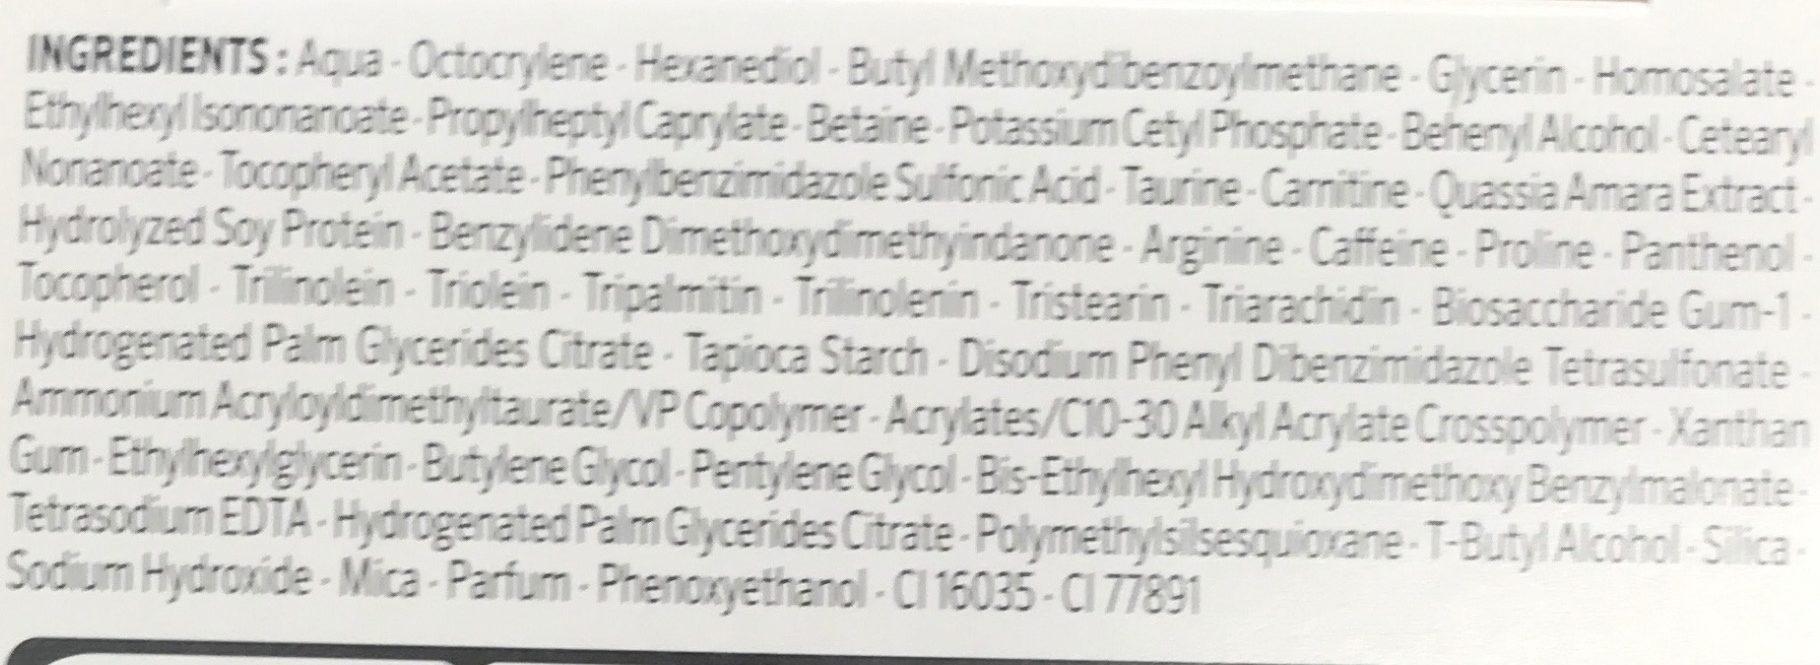 Lift+ Hydratant Soin de Jour SPF 20 Pro-Collagène + Protection UV - Ingrédients - fr